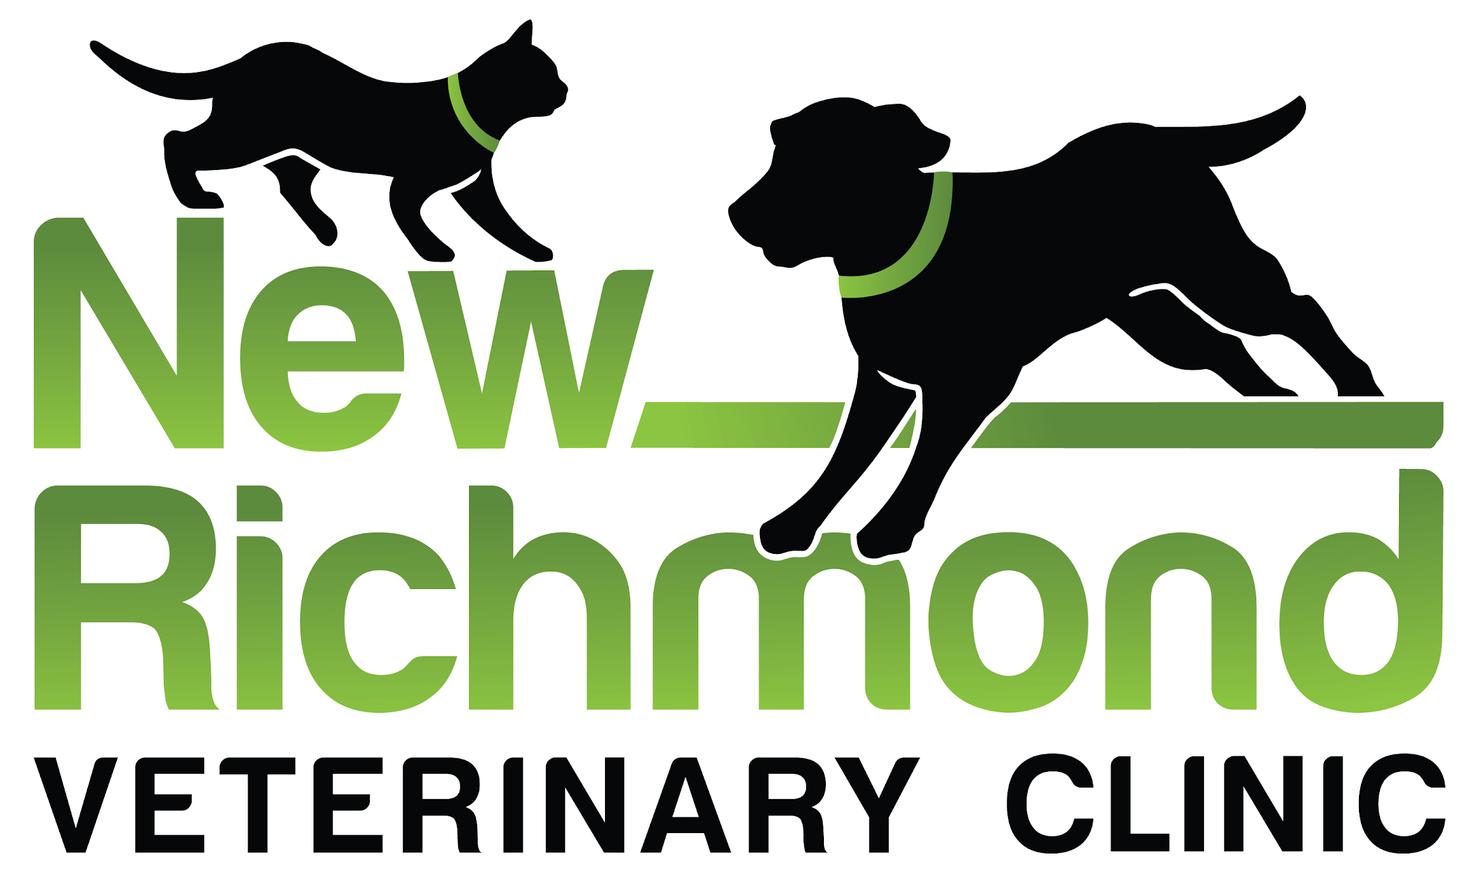 New Richmond Veterinary Clinic logo